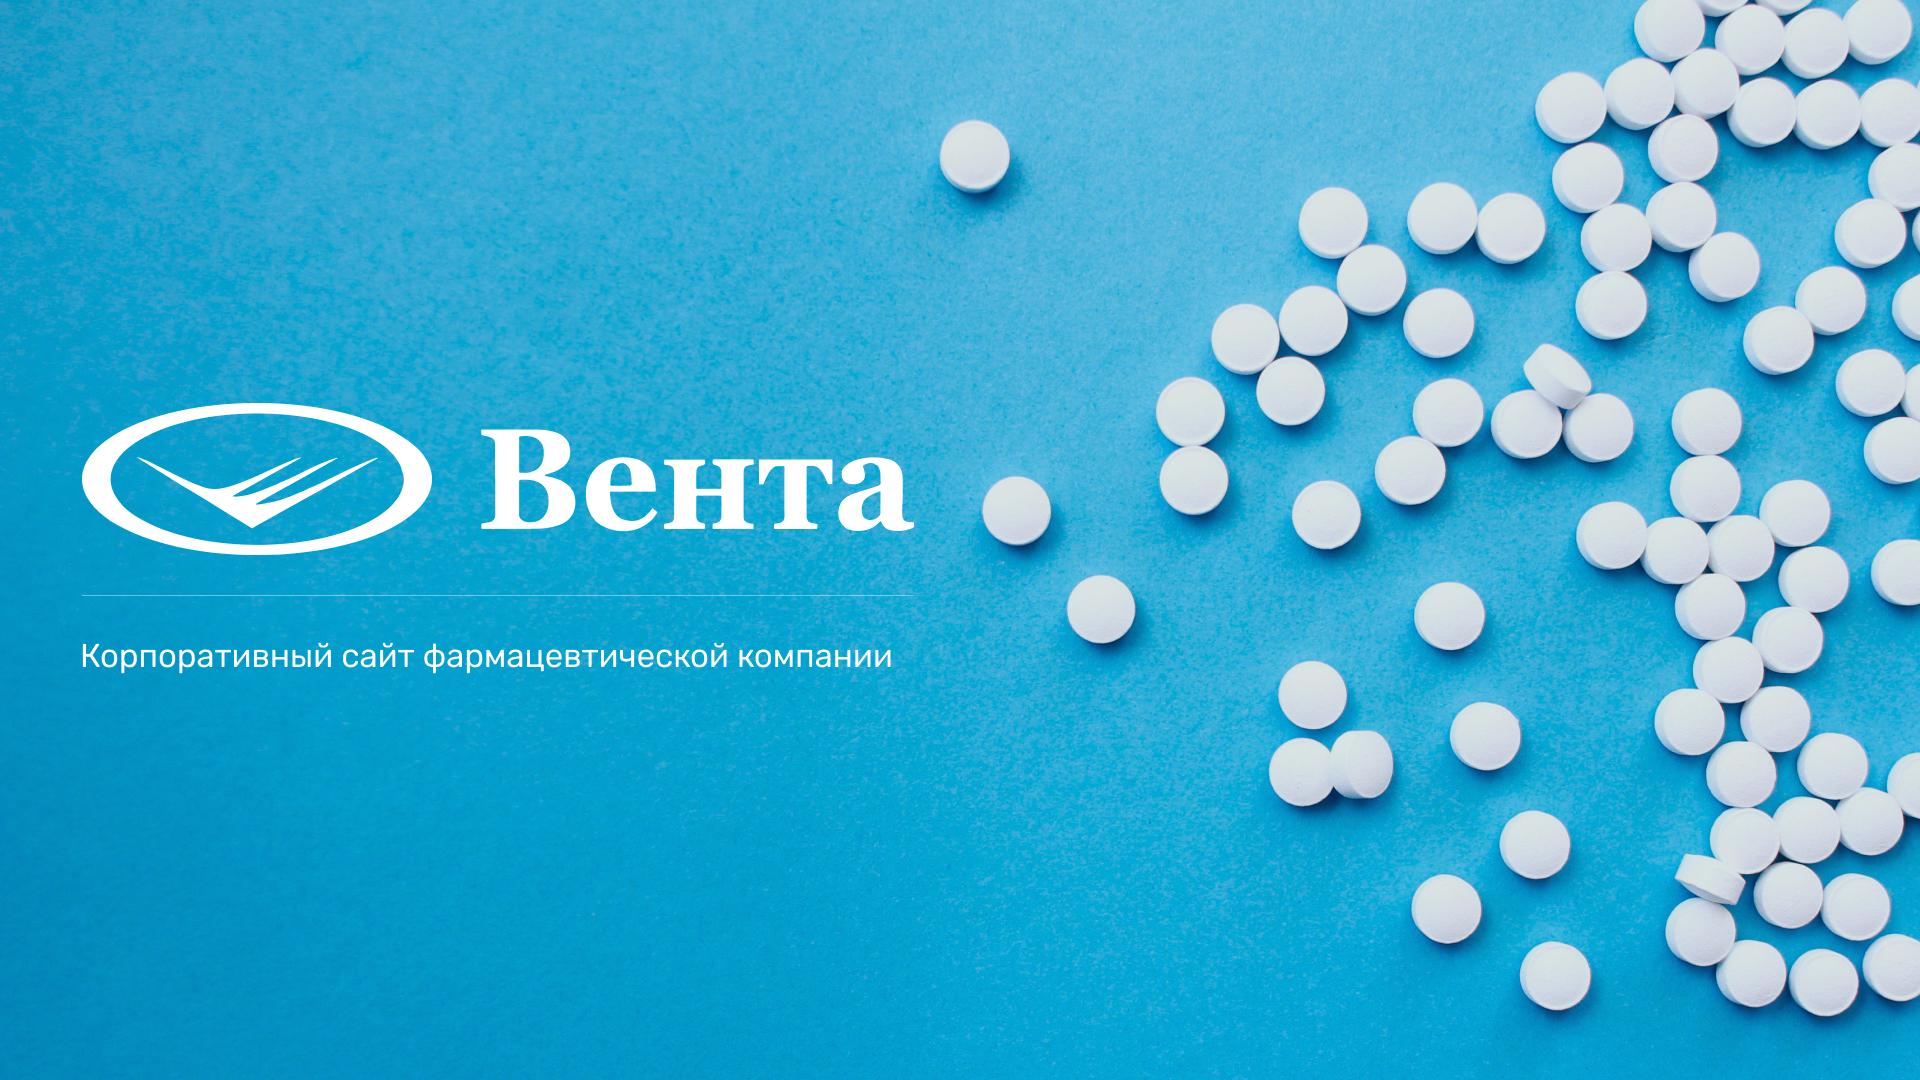 """Разработка корпоративного сайта для фармацевтической компании """"Venta LTD""""."""